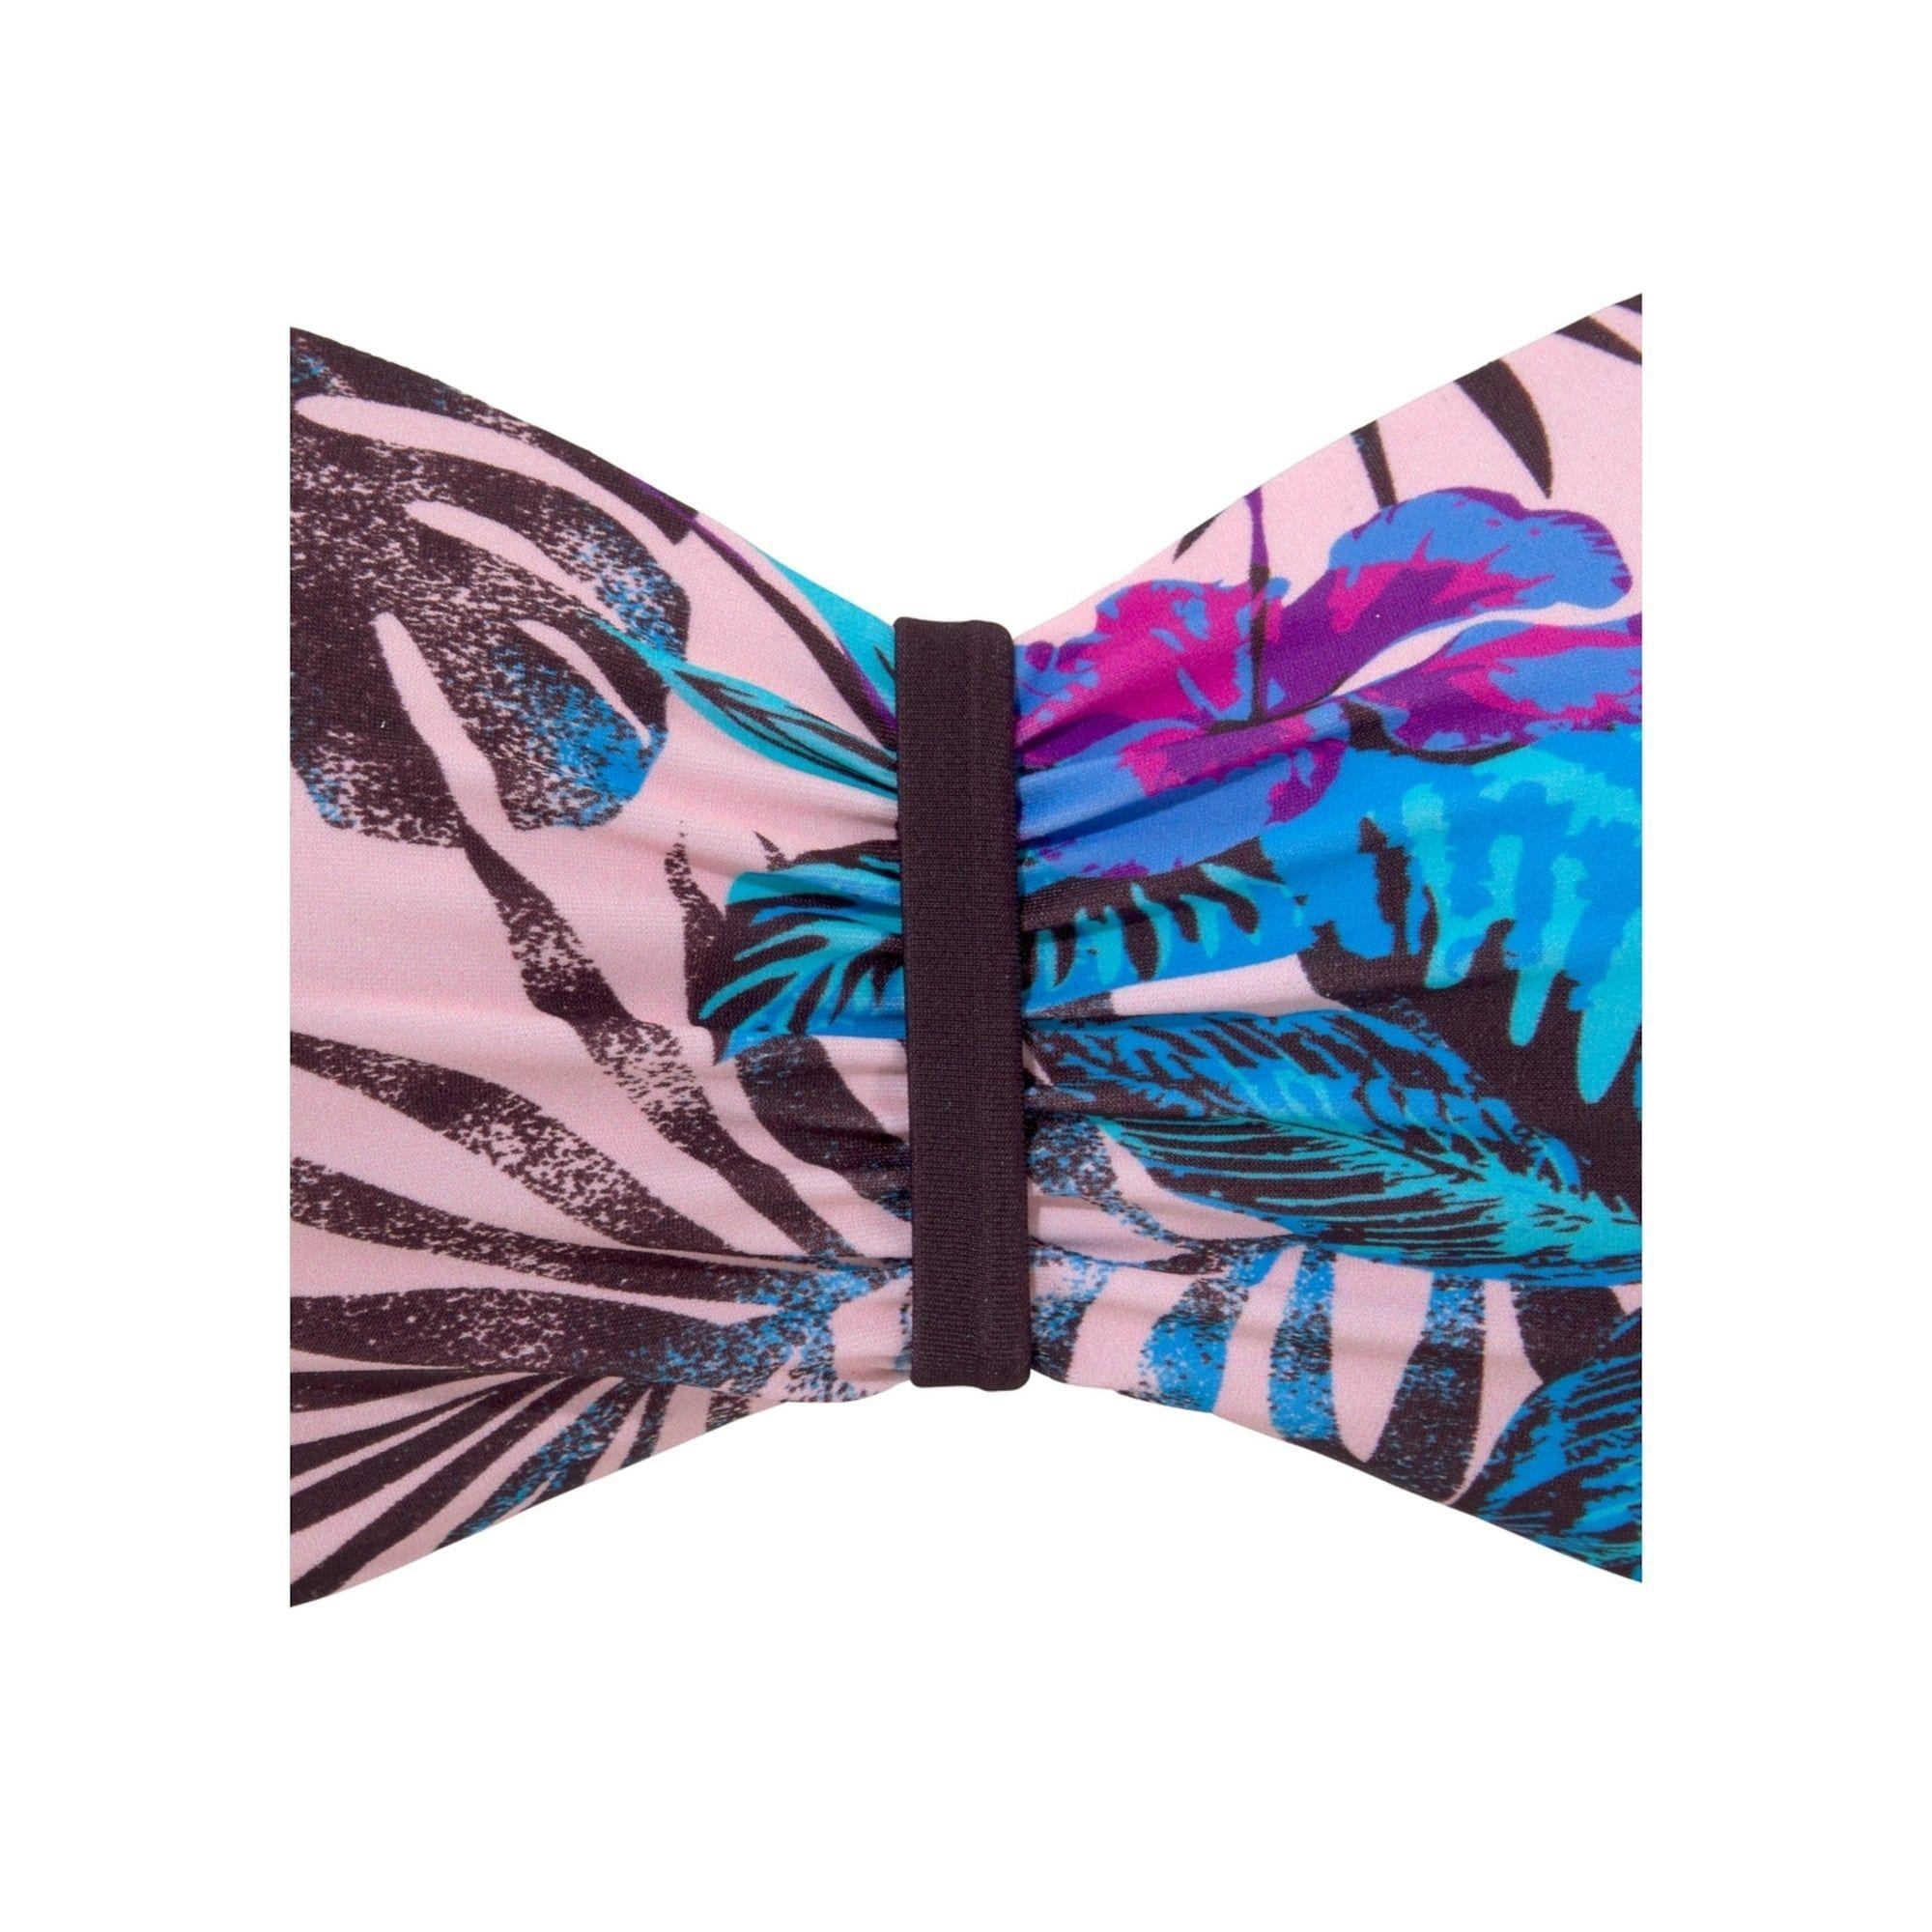 Pin Von Mary Braucht Auf Mood Vision Boards Mit Bildern Stimmungsfarben Diy Wandgestaltung Farbtrends